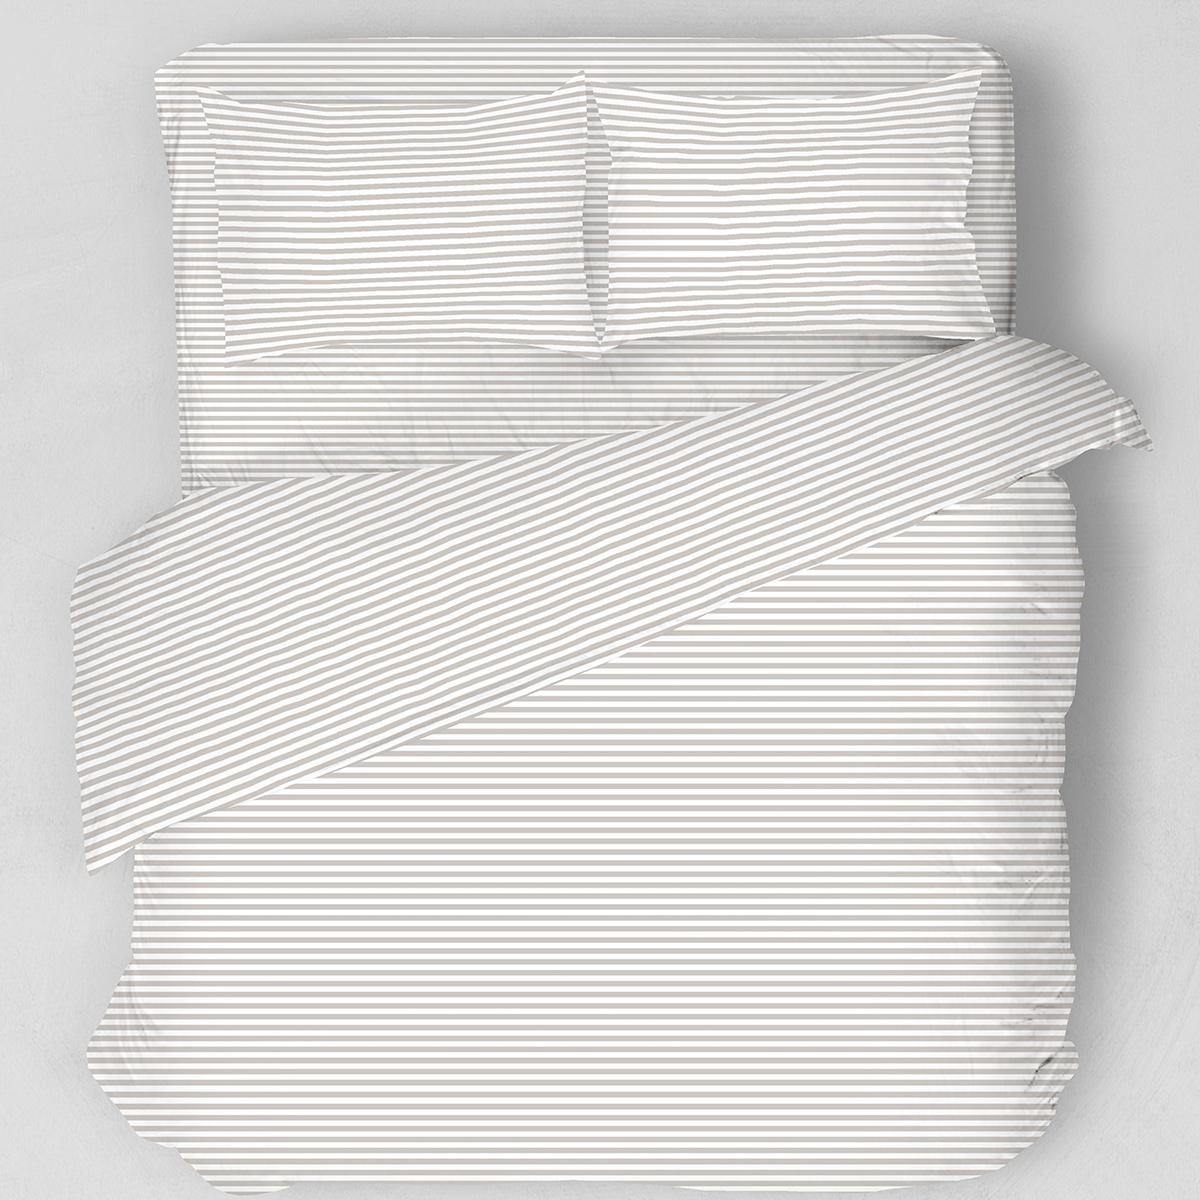 Σεντόνια Υπέρδιπλα (Σετ) Melinen Stripes Grey ΧΩΡΙΣ ΛΑΣΤΙΧΟ 235×270 ΧΩΡΙΣ ΛΑΣΤΙΧΟ 235×270